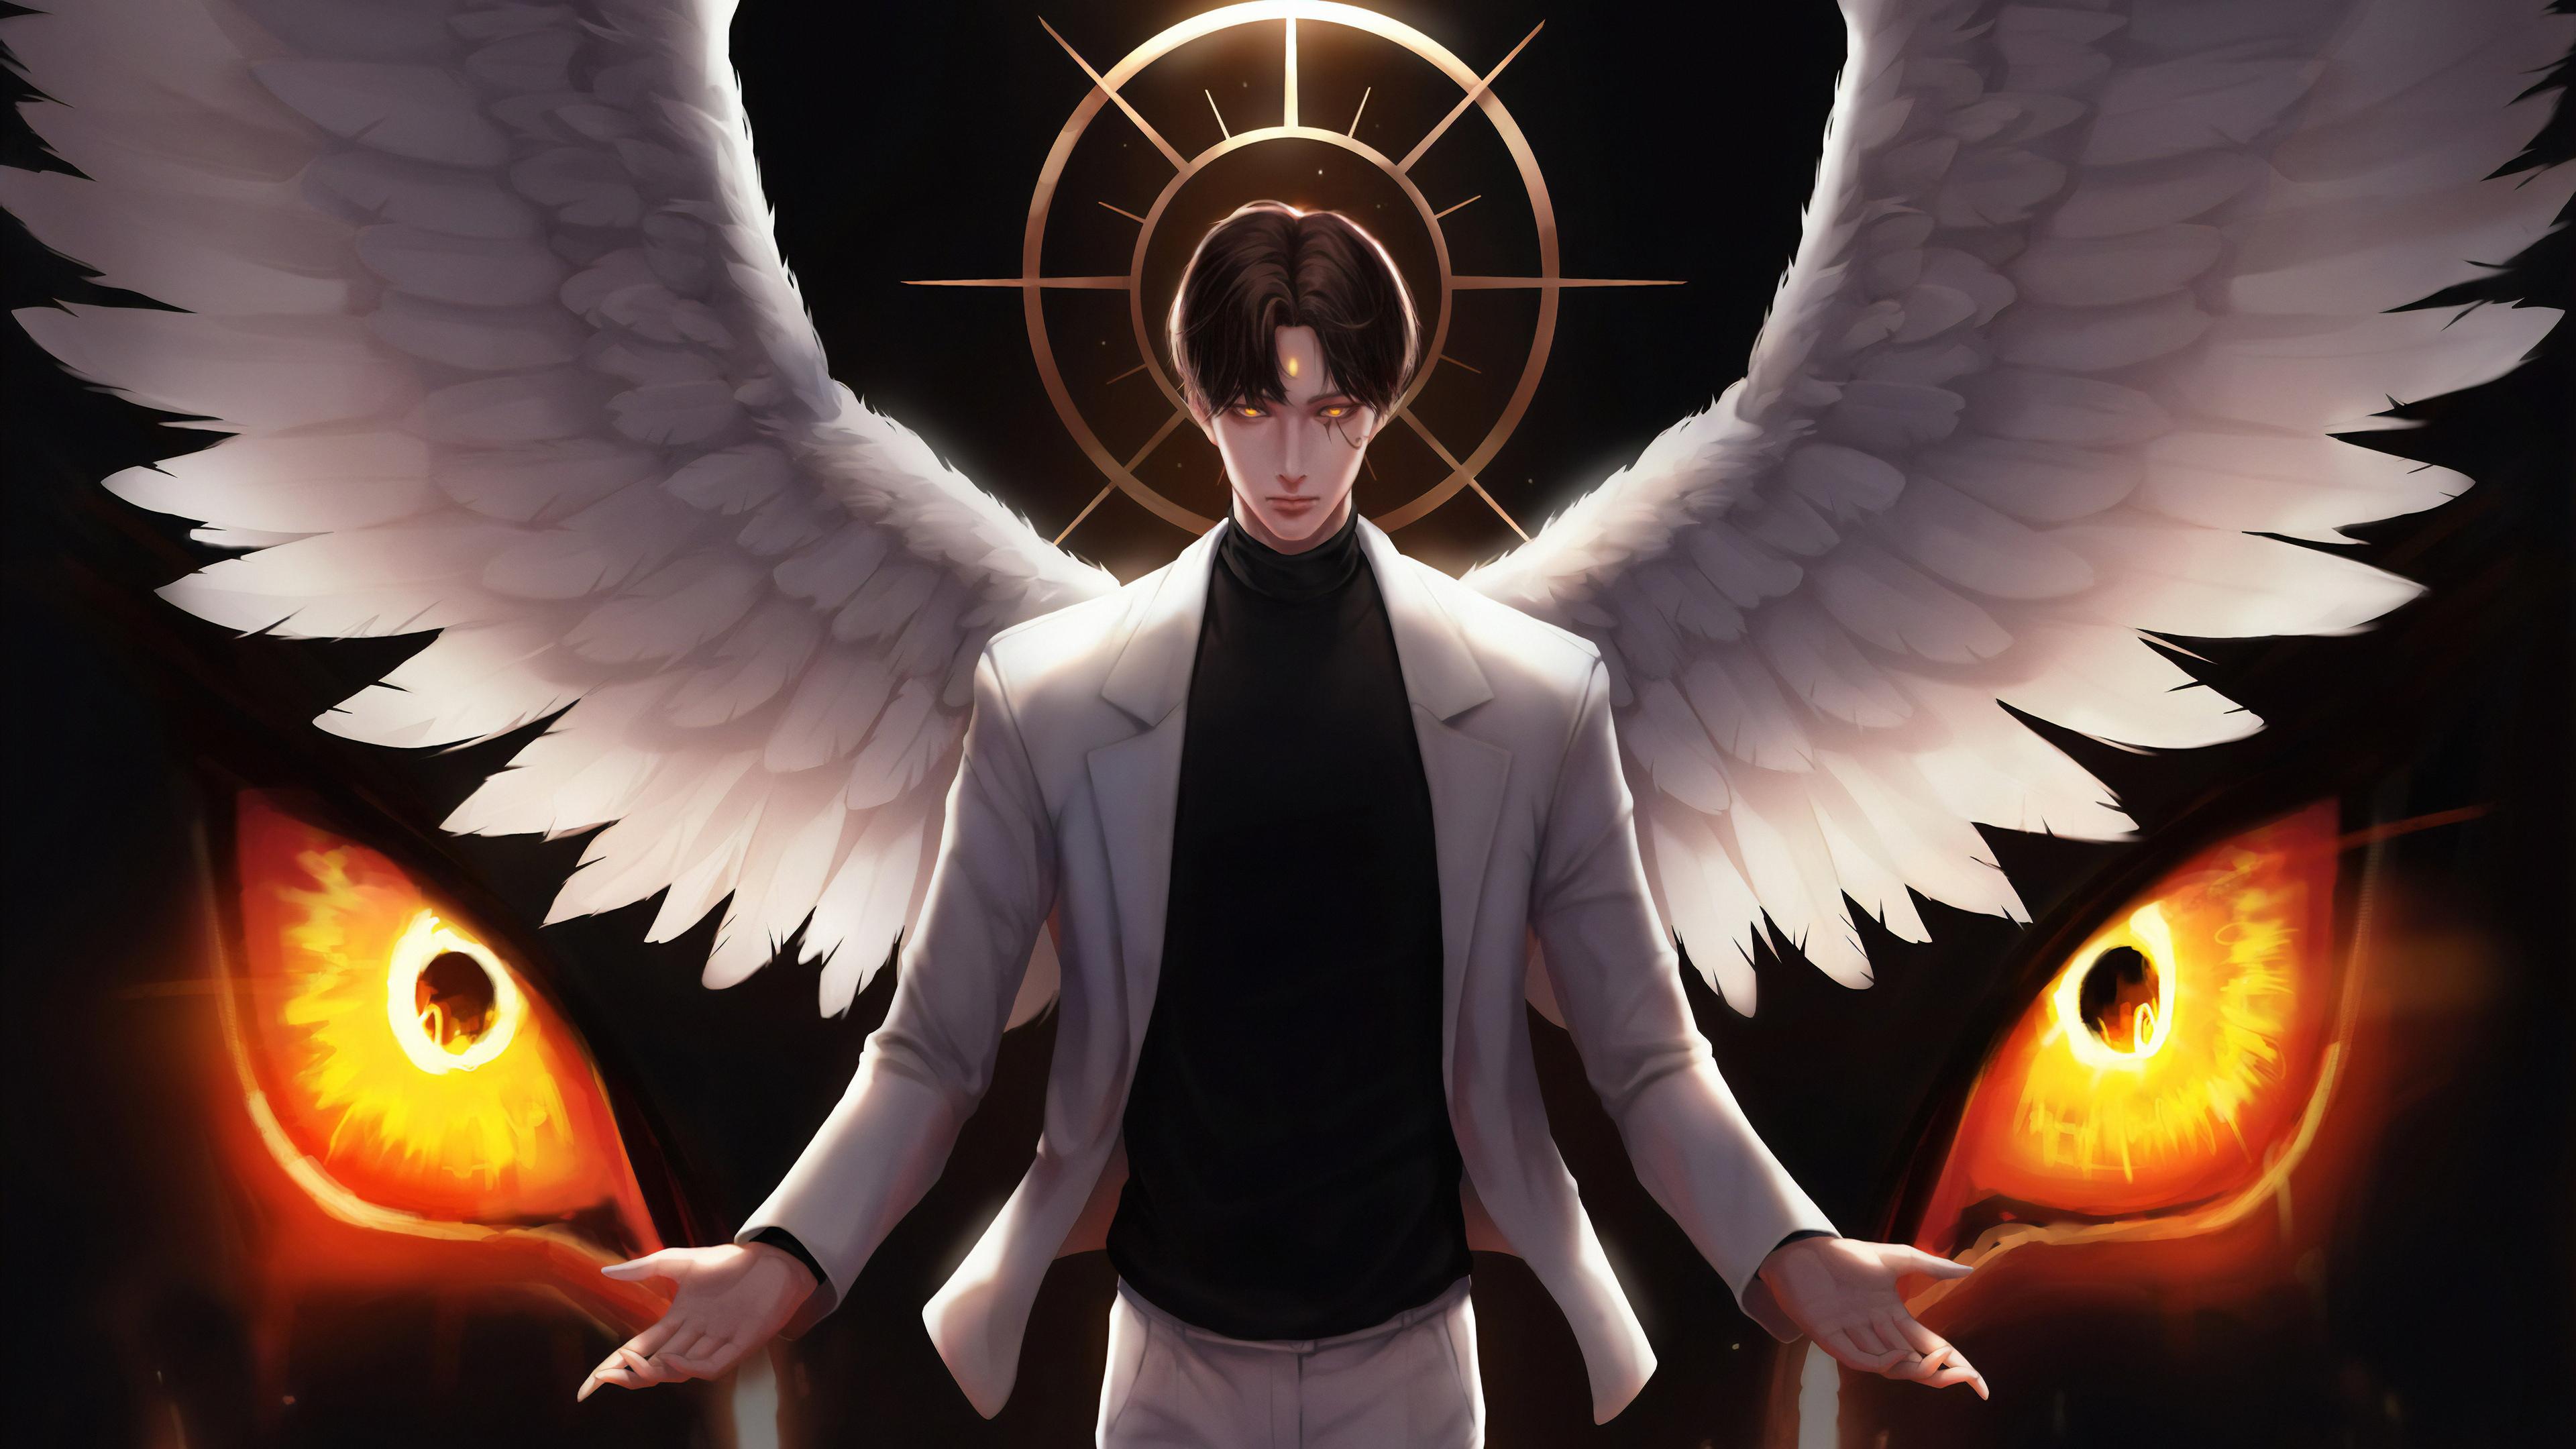 ra anime 1578253907 - Ra Anime -